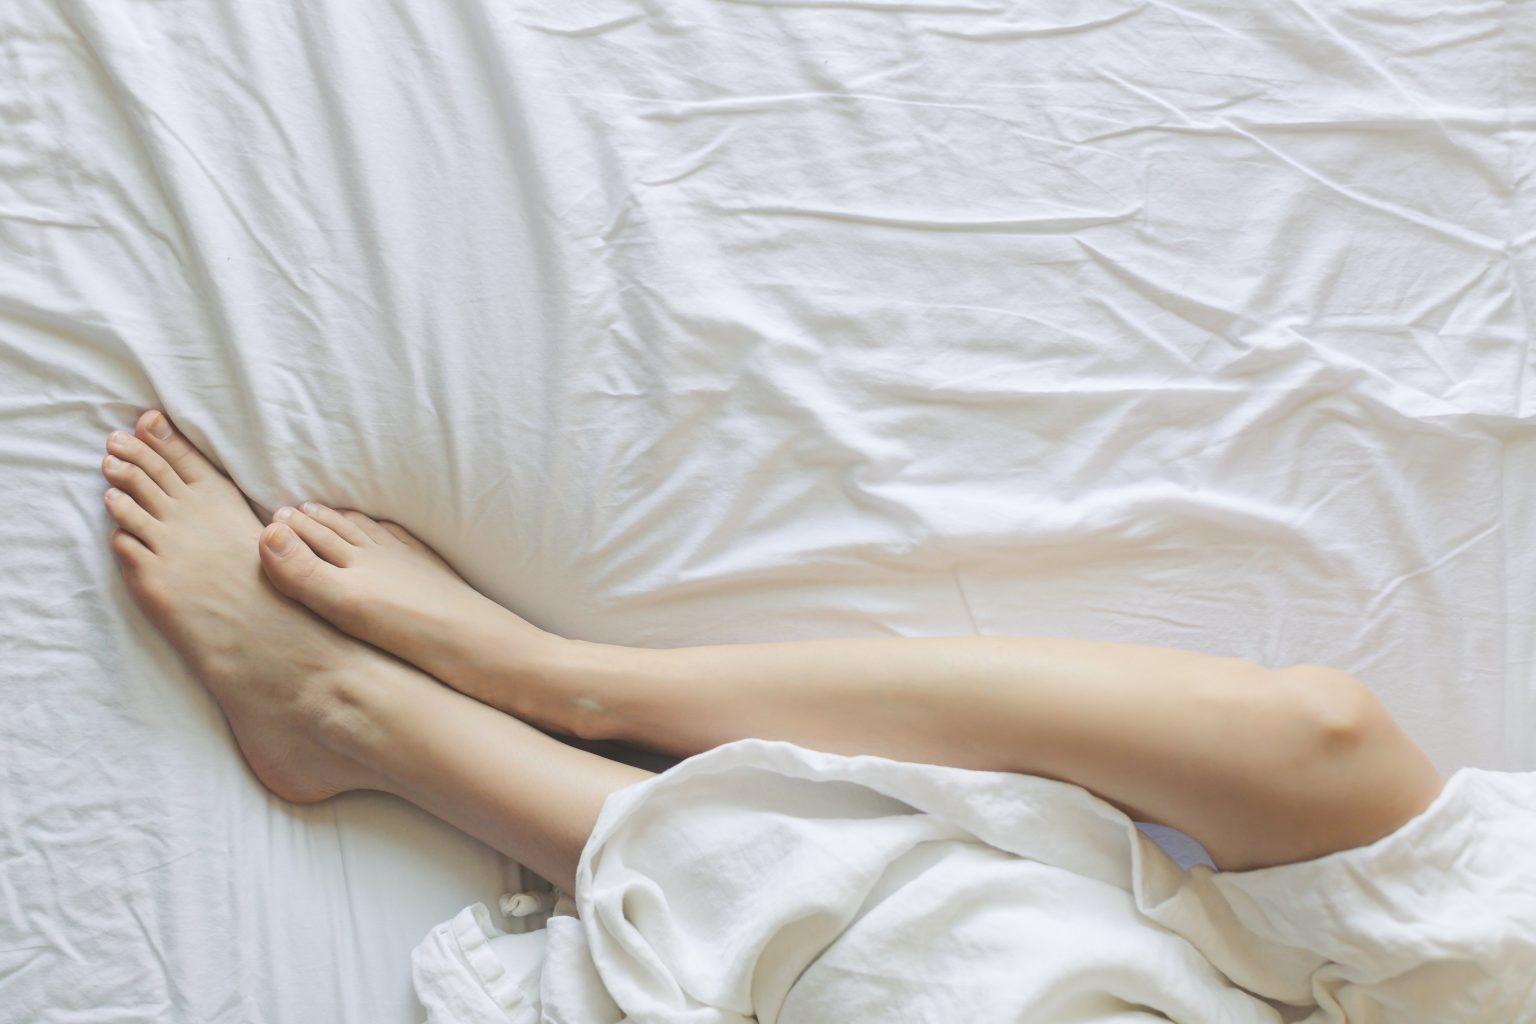 women's-legs